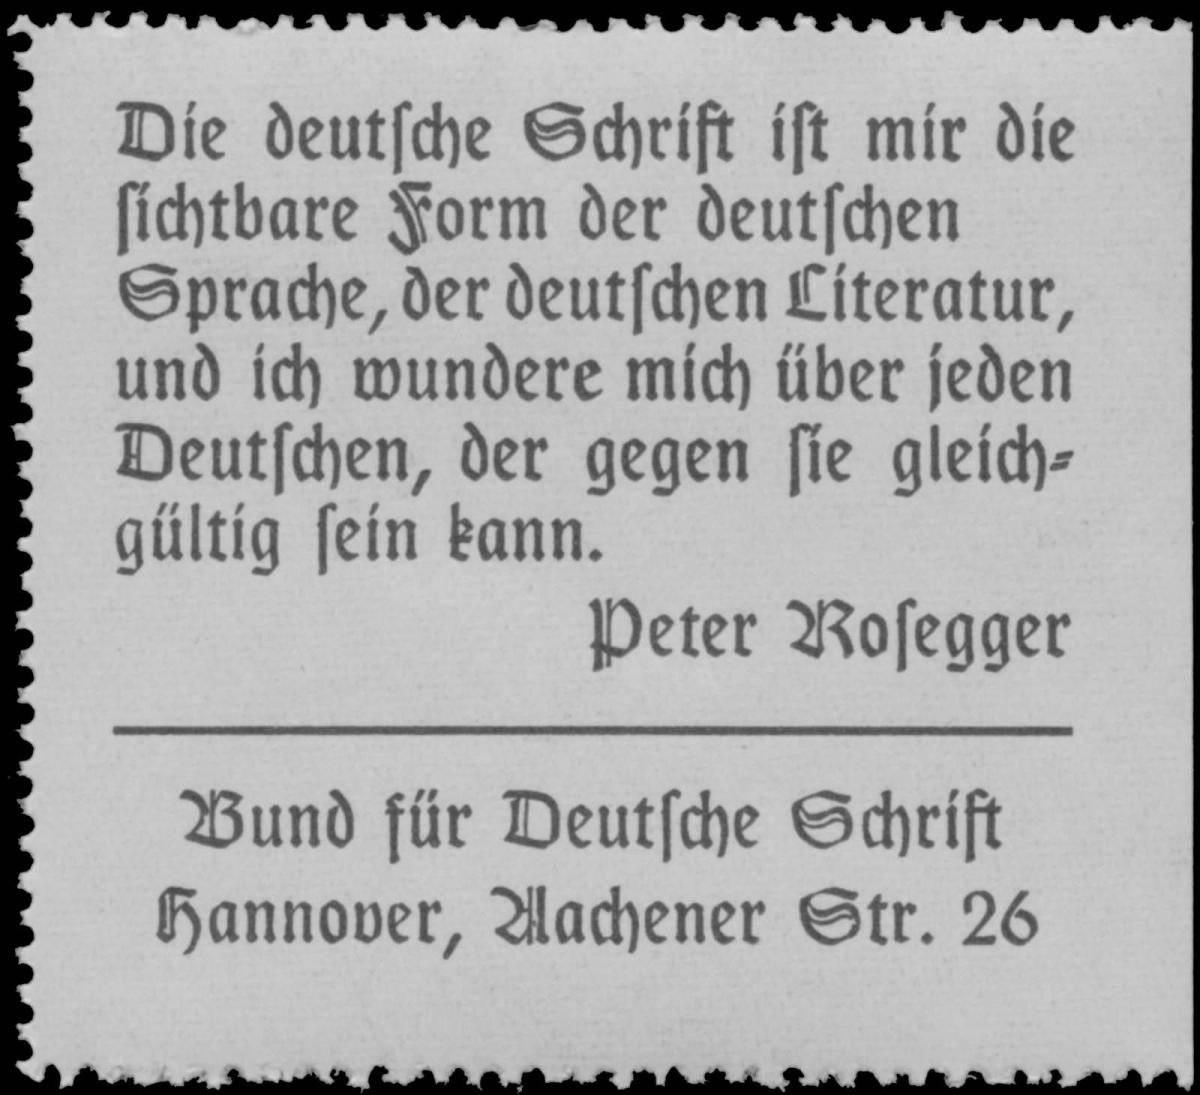 Die deutsche Schrift ist mir die sichtbare Form der deutschen Sprache